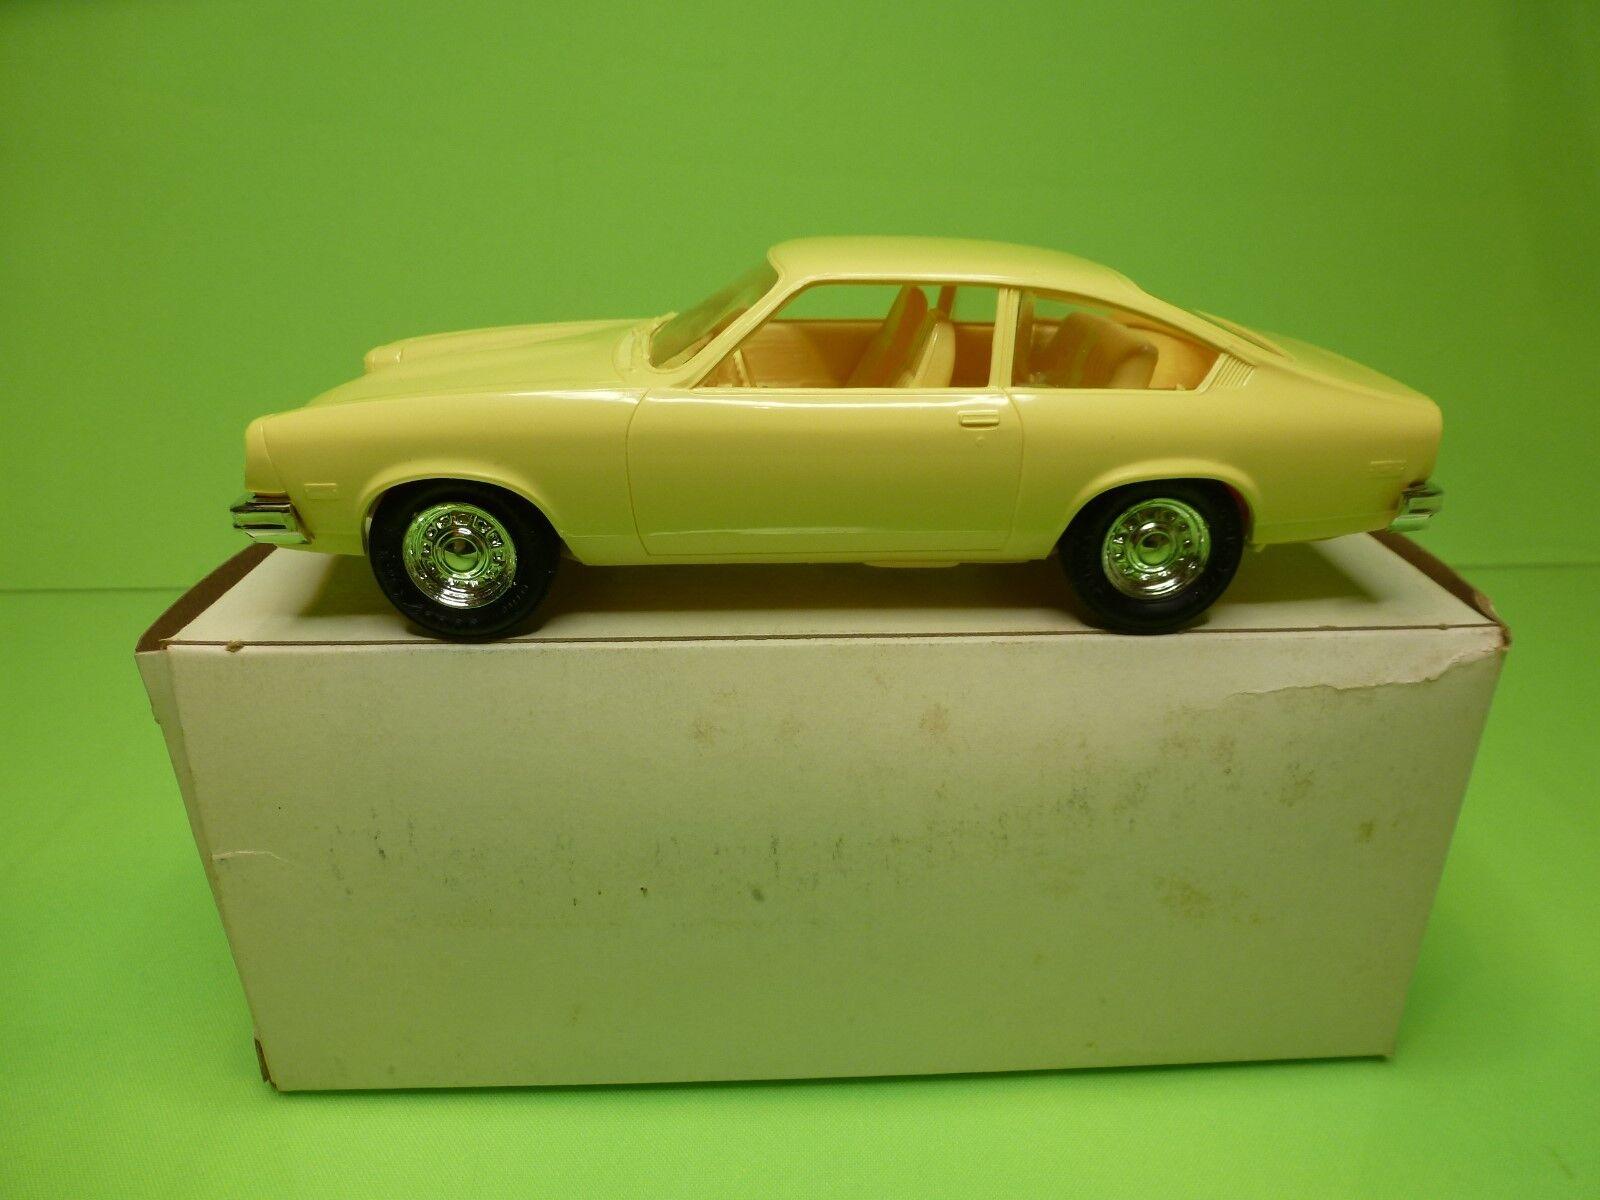 MPC  1 25  PROMO - CHEVROLET VEGA 1975  BRIGHT YELLOW  - GOOD CONDITION IN BOX